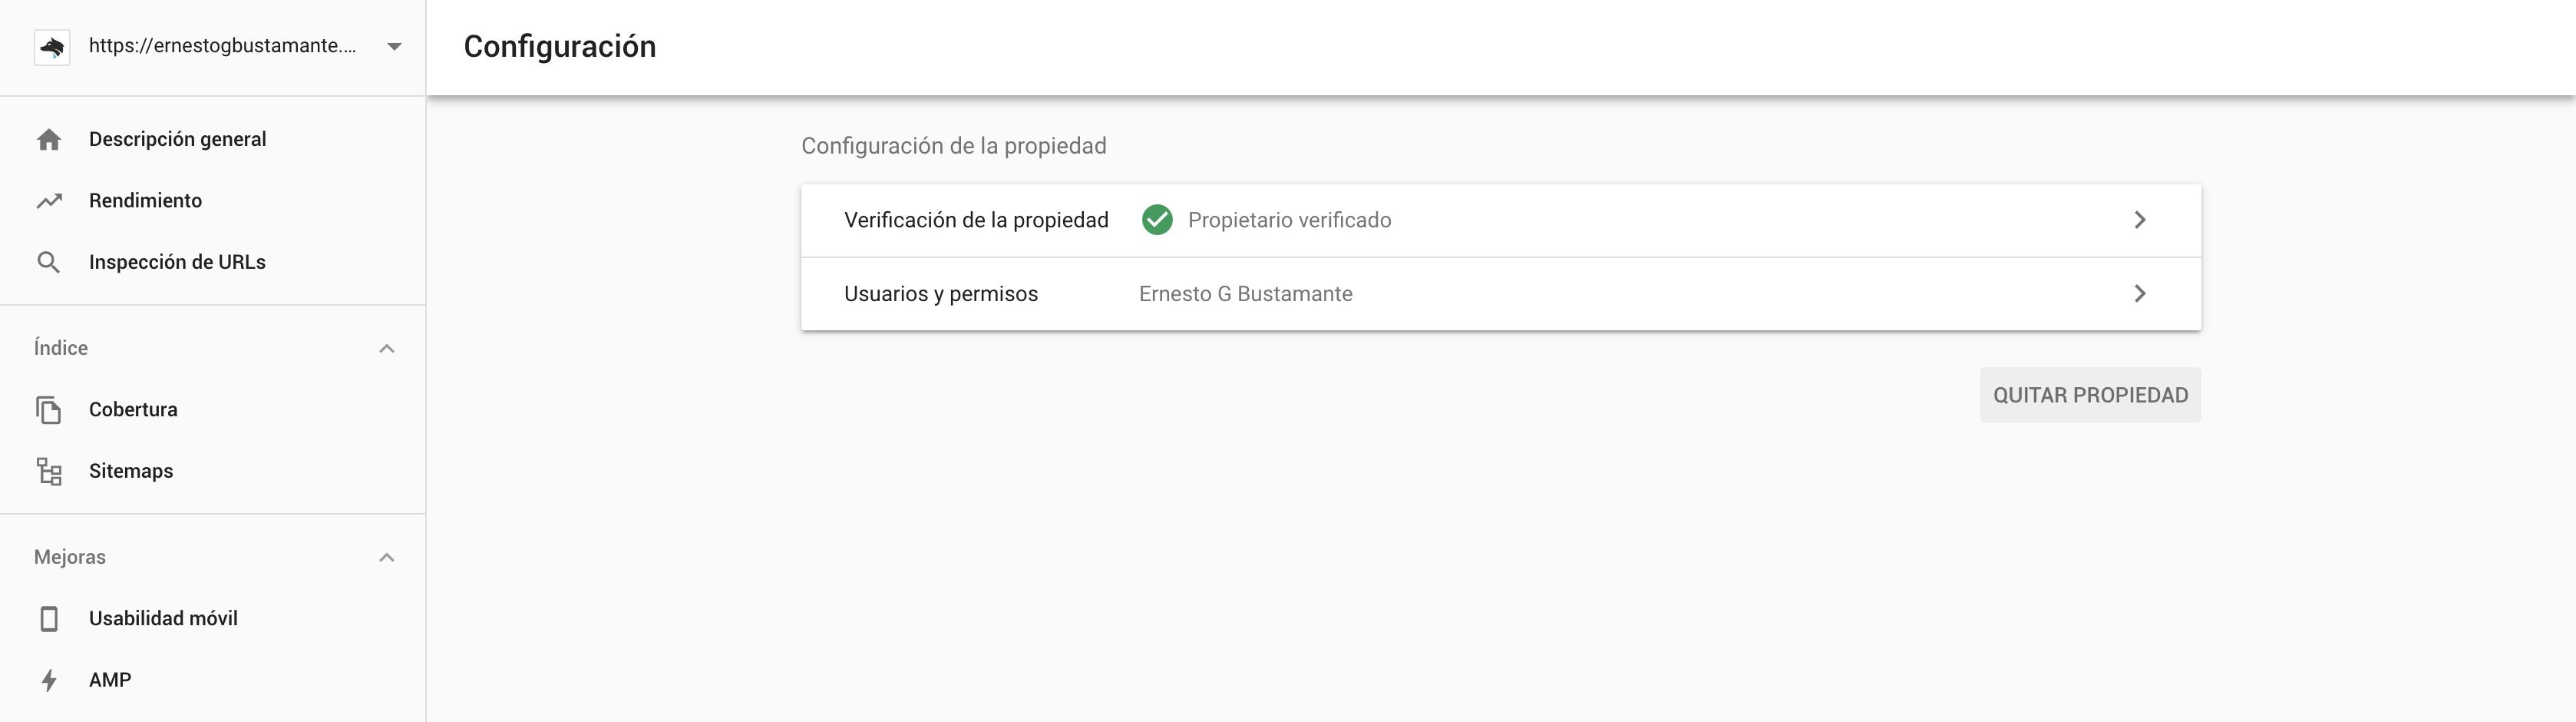 Configuración - Nueva Google Search Console